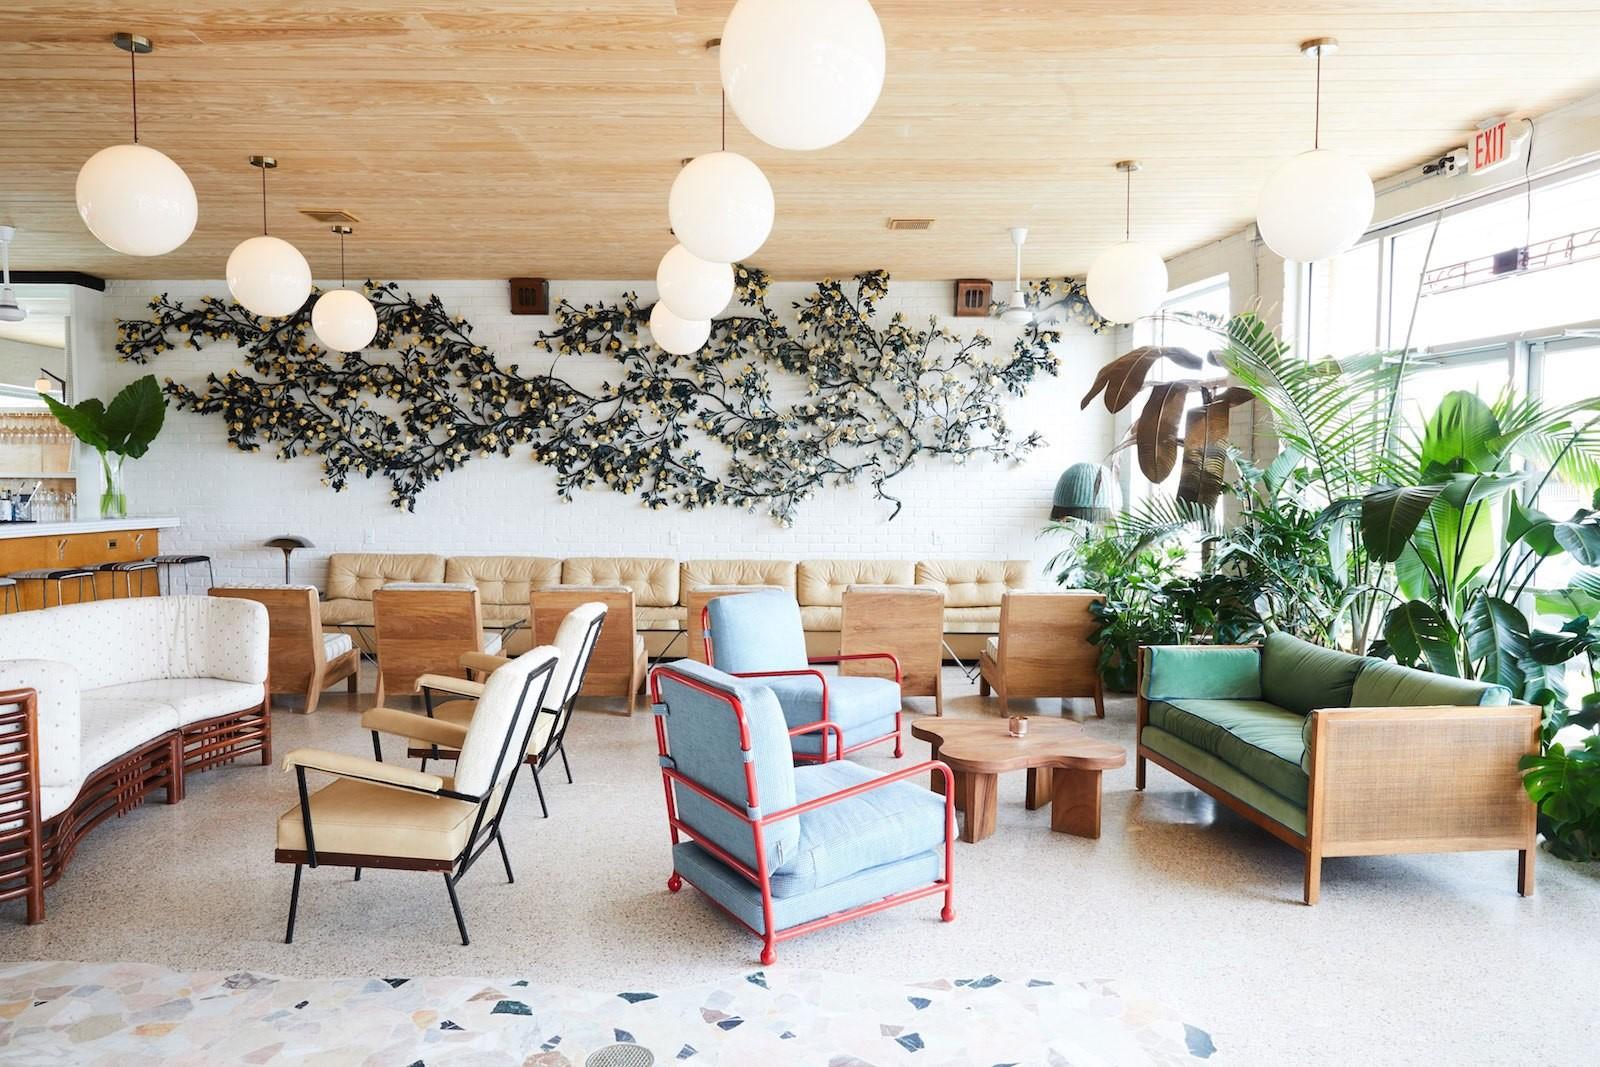 33 phong cách thiết kế nội thất độc đáo, đặc sắc